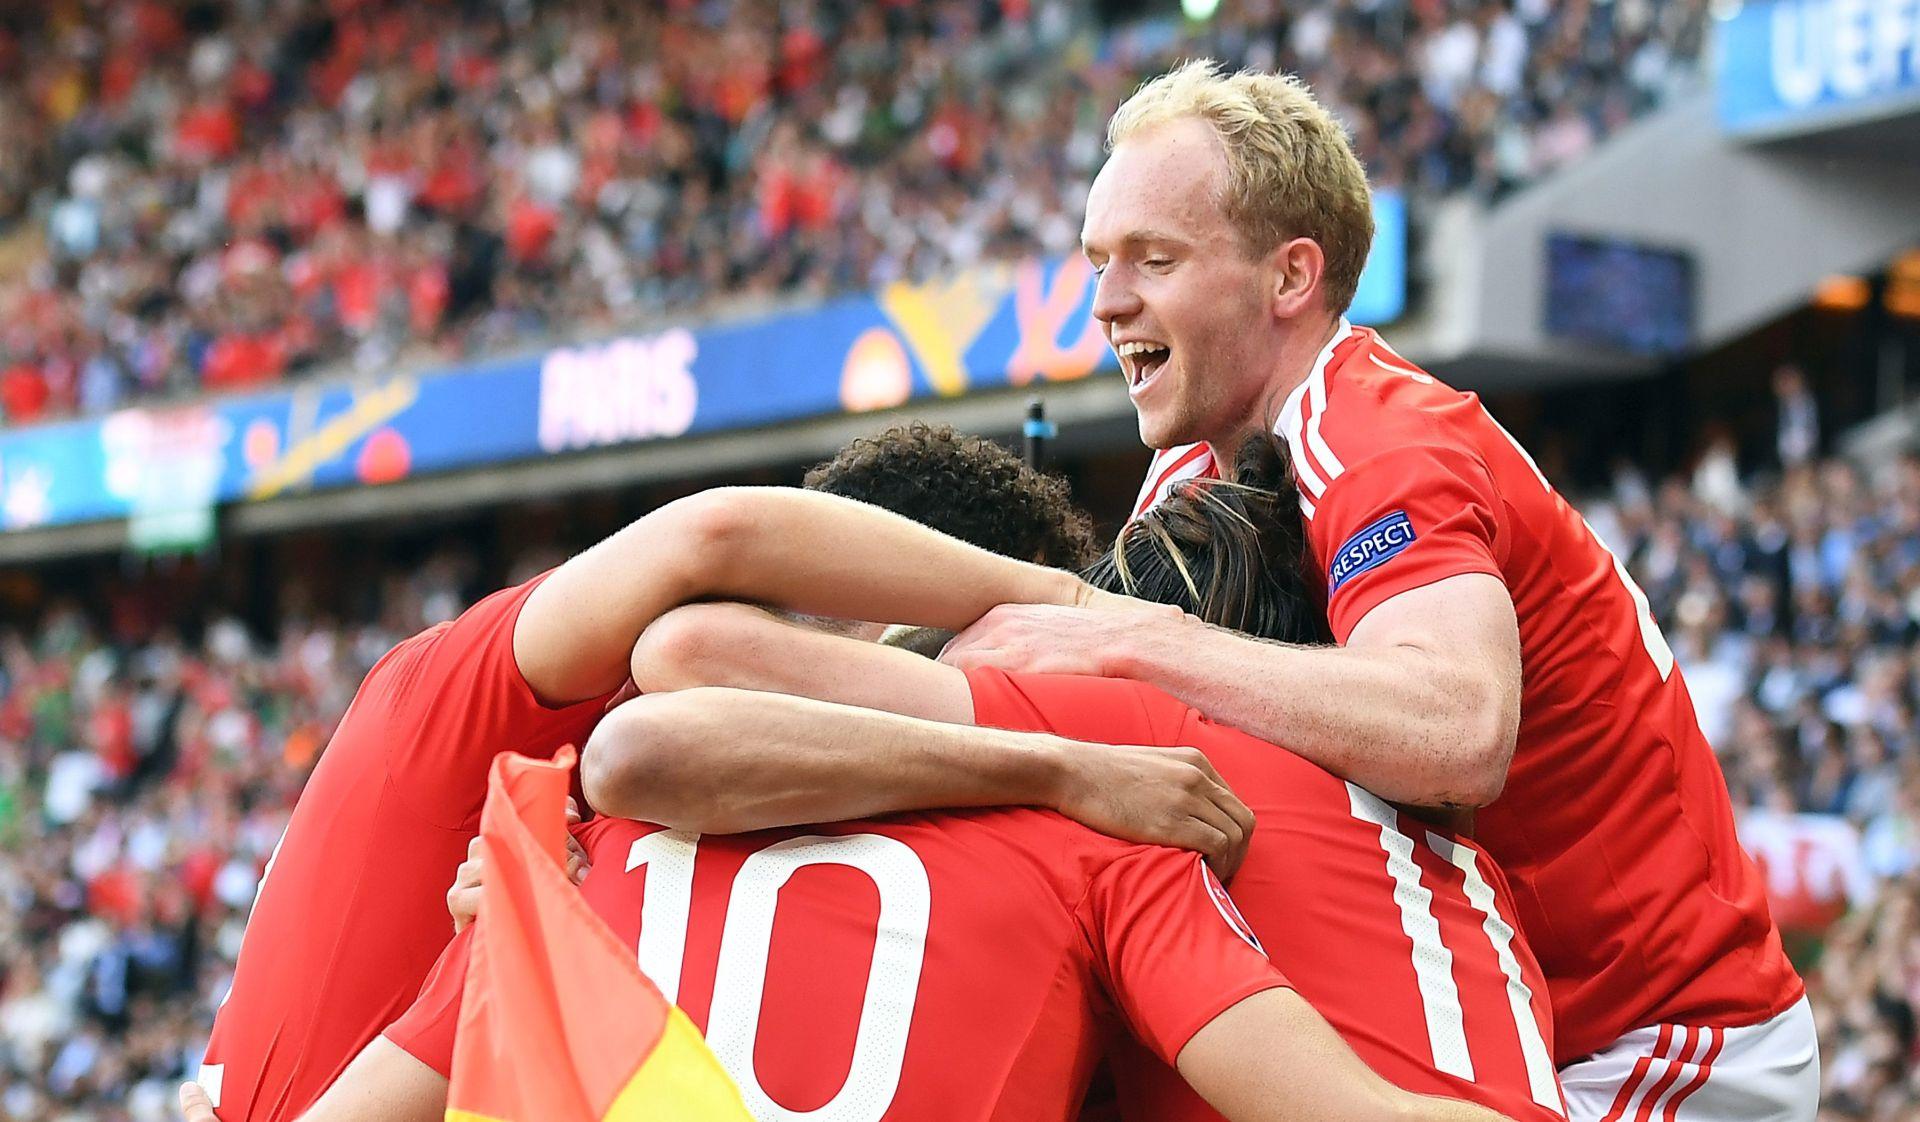 VELIKO SLAVLJE Velšani nakon autogola McAuleyja prošli u četvrtfinale EURO-a